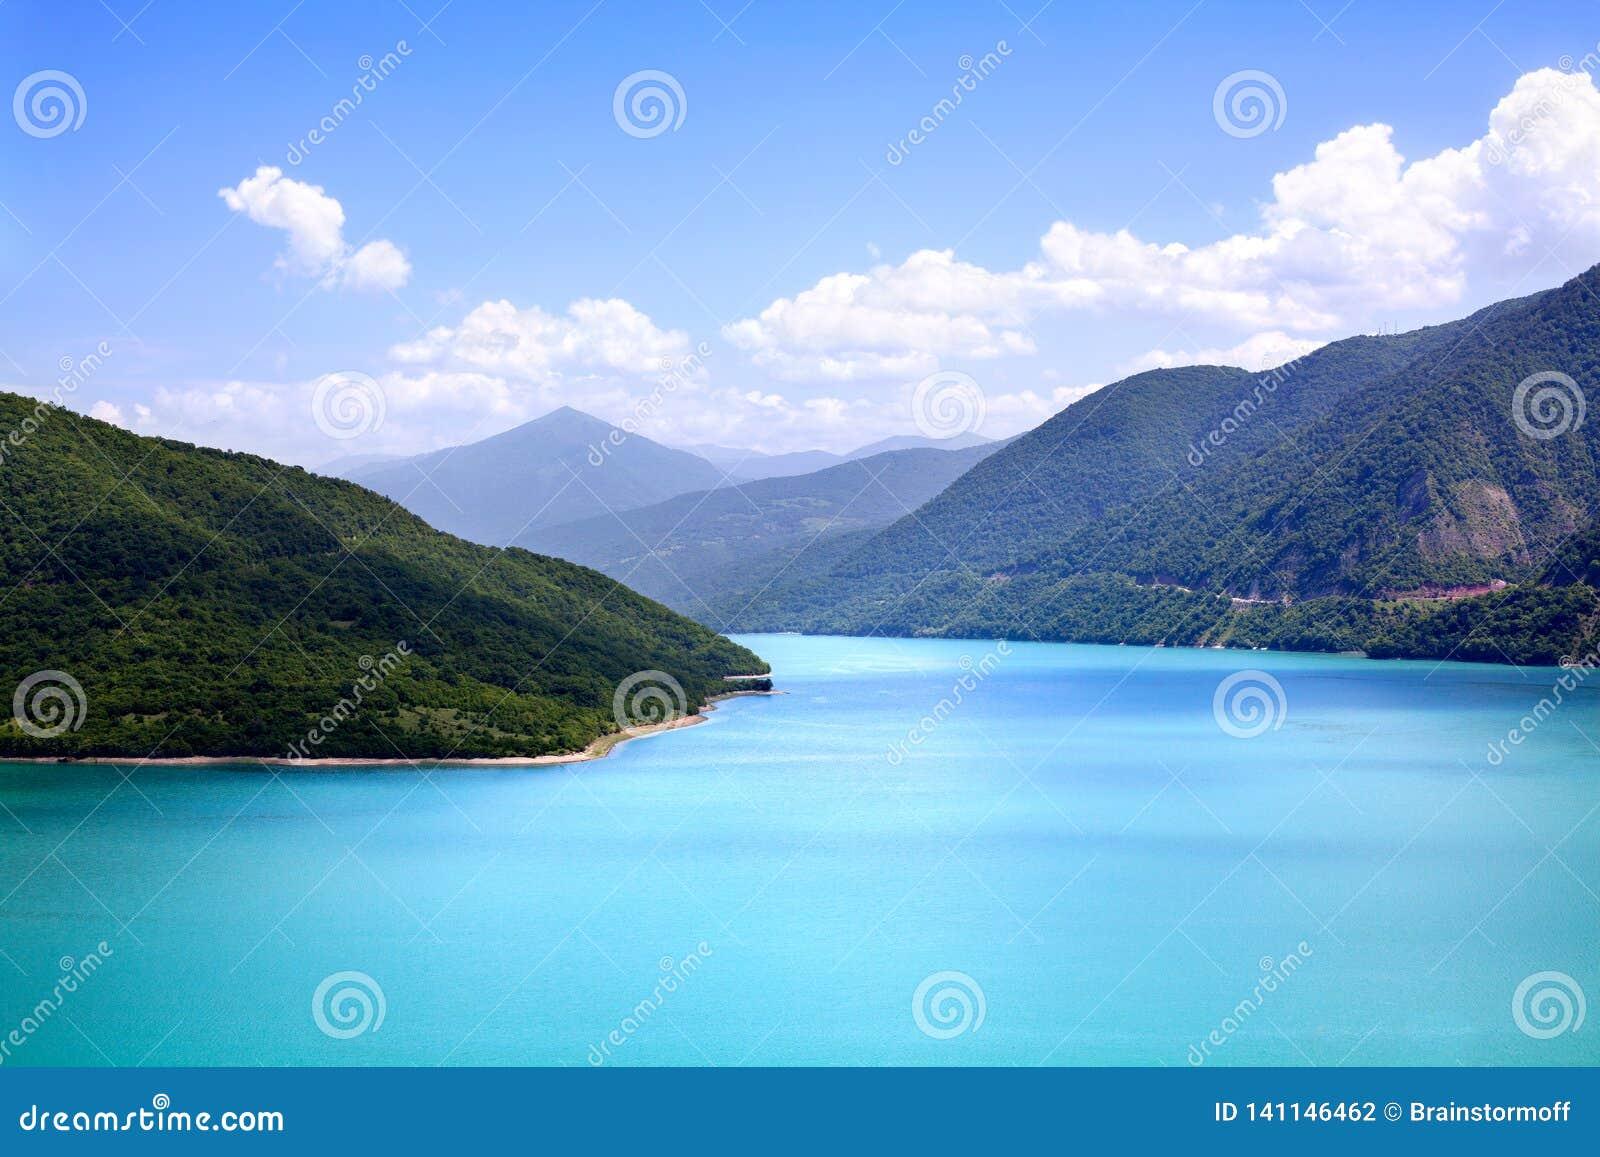 天蓝色的水在绿色山天空蔚蓝白色云彩背景中的一个蓝色盐水湖